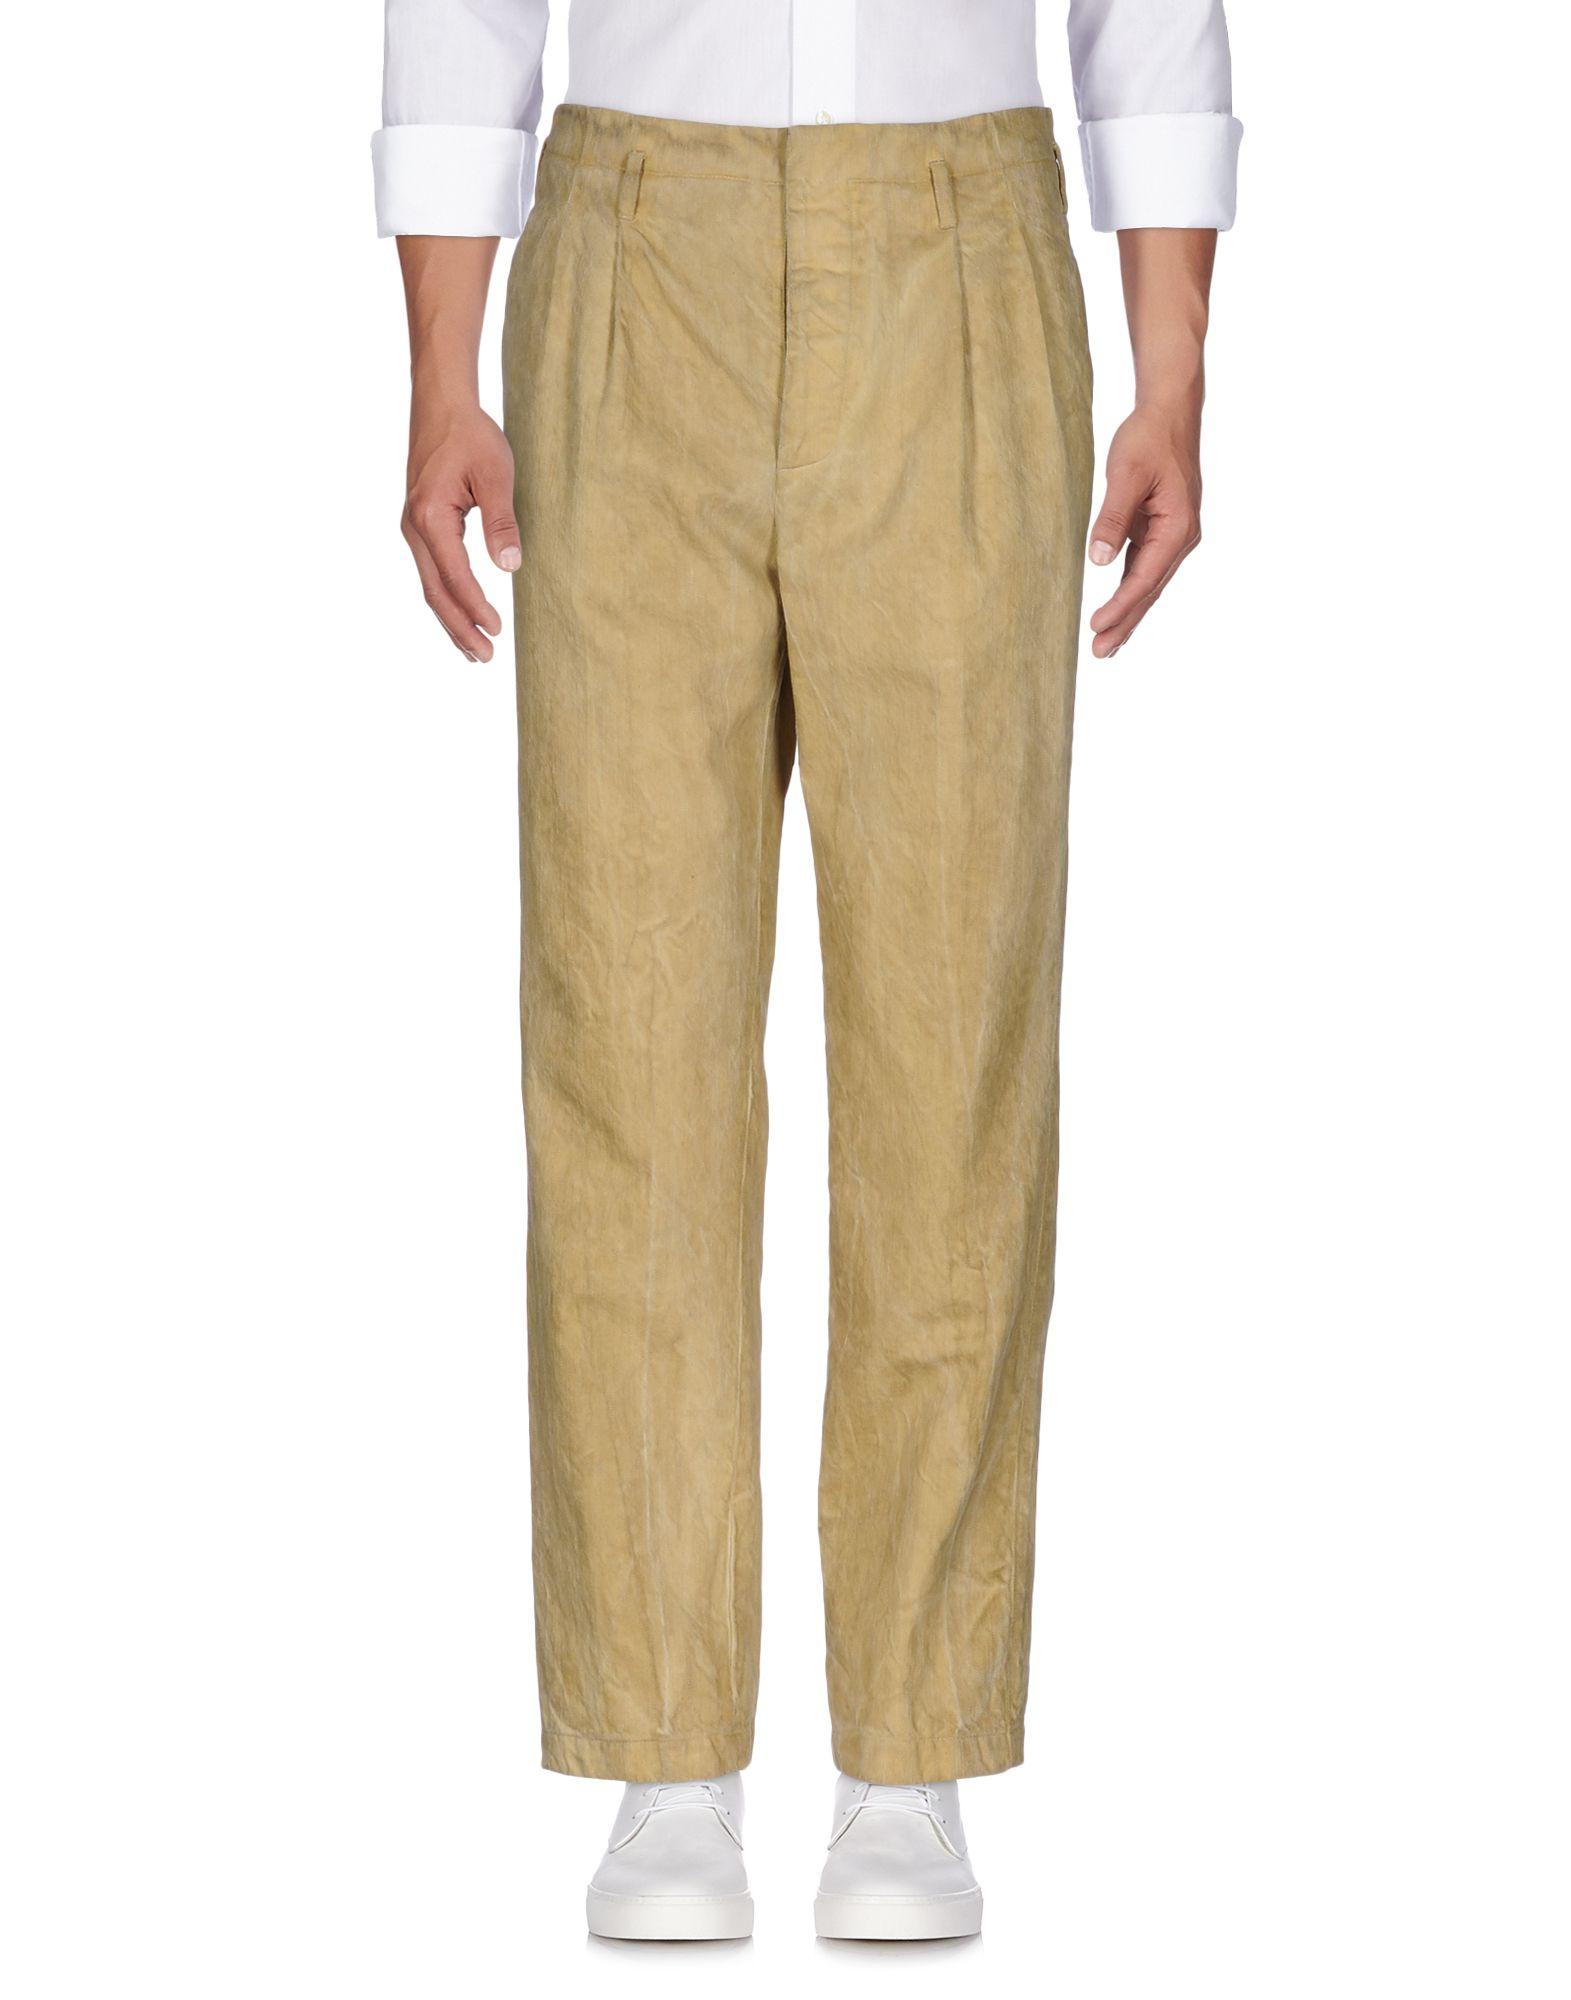 цены на ITINERIS Джинсовые брюки в интернет-магазинах